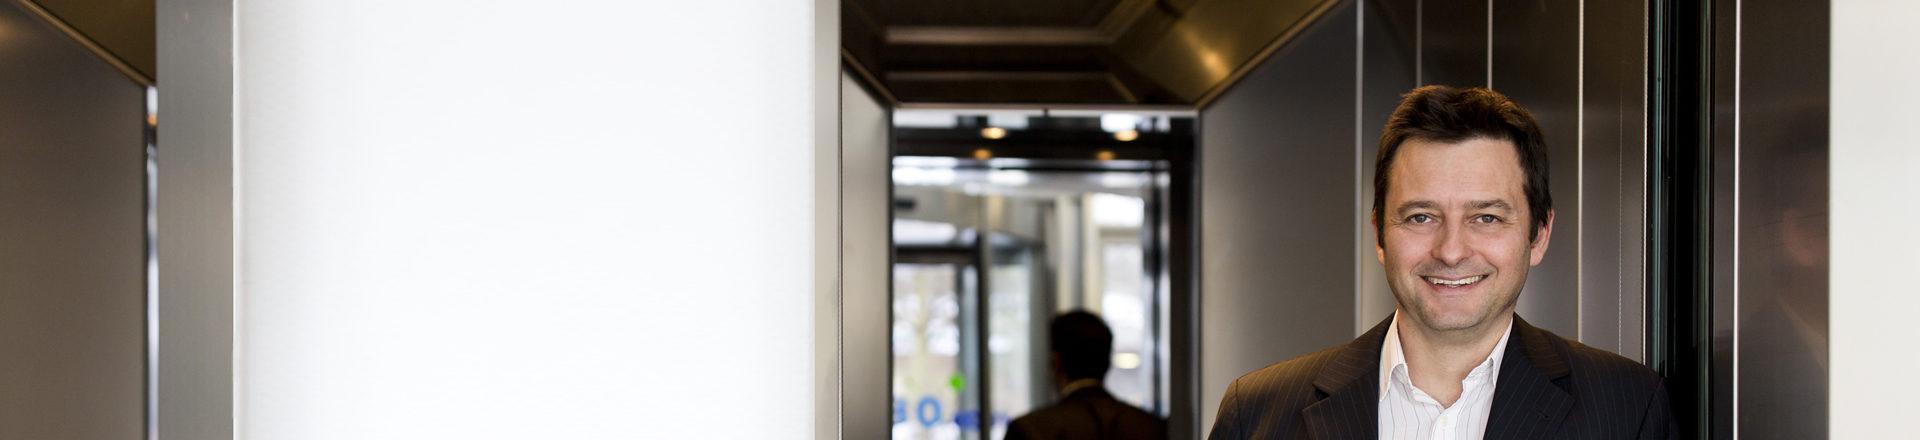 Internet Business für Unternehmen in München und Starnberg